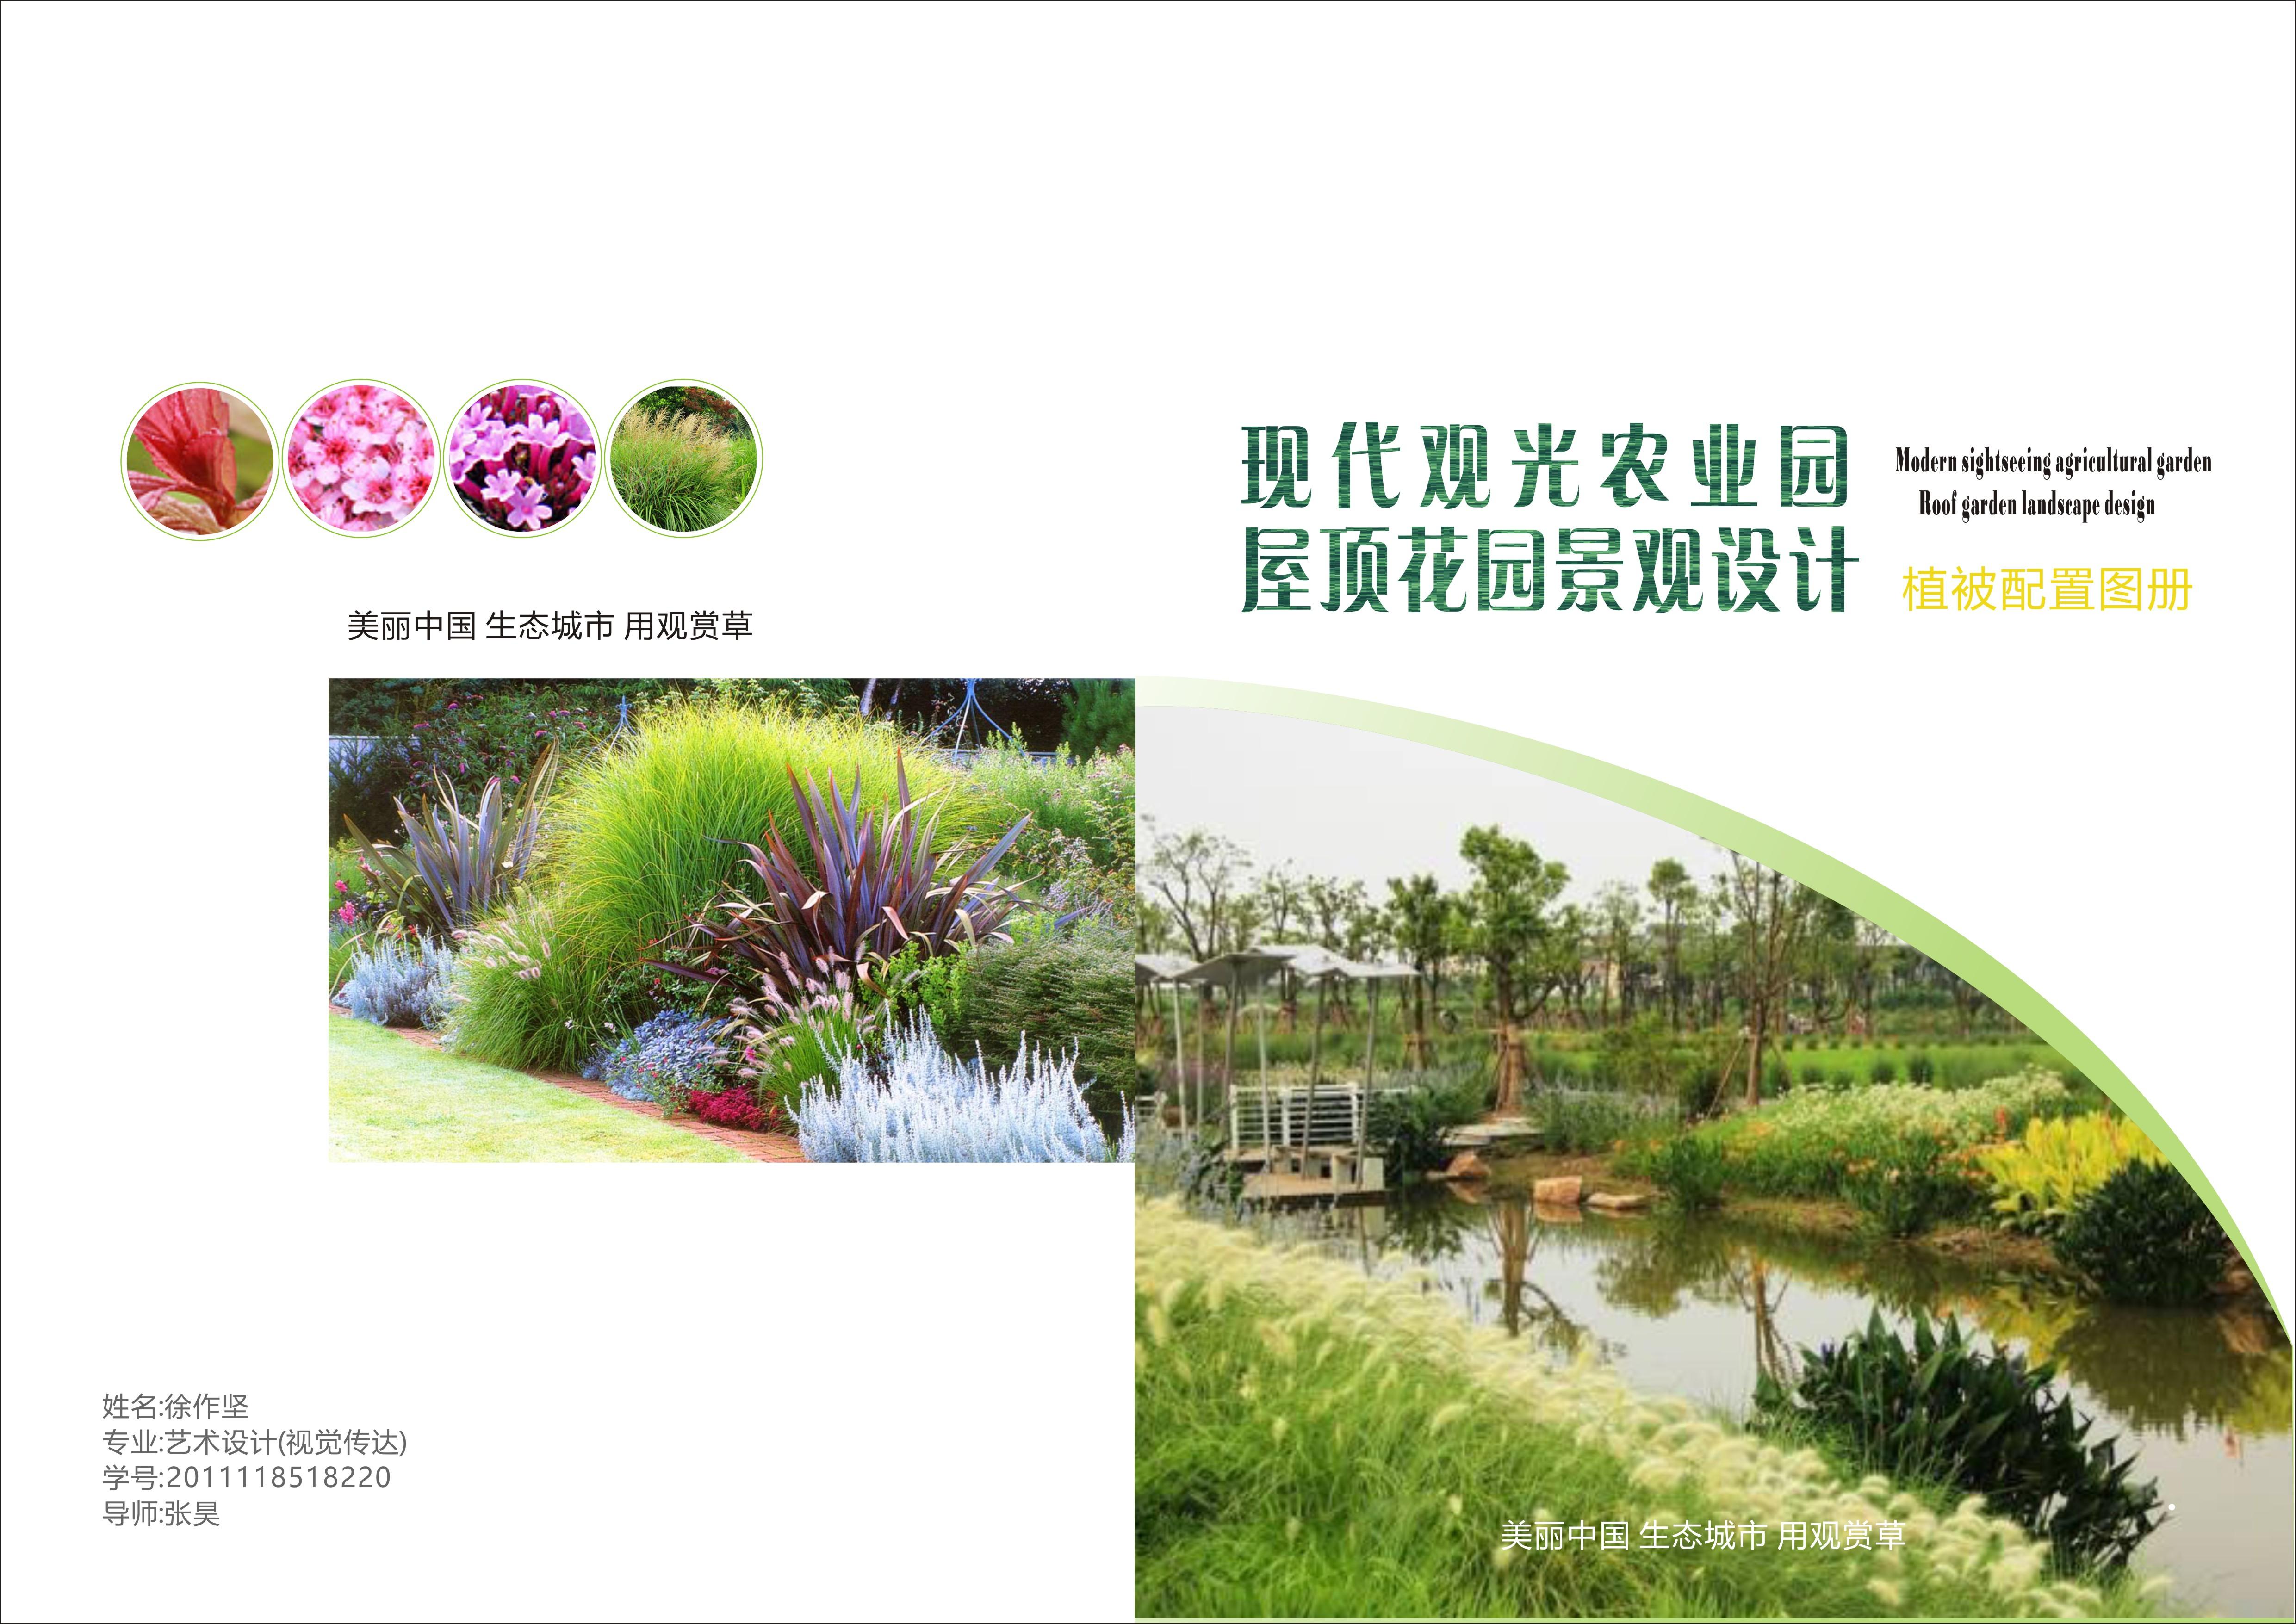 配合屋顶花园绿化植被用量品种介绍手册